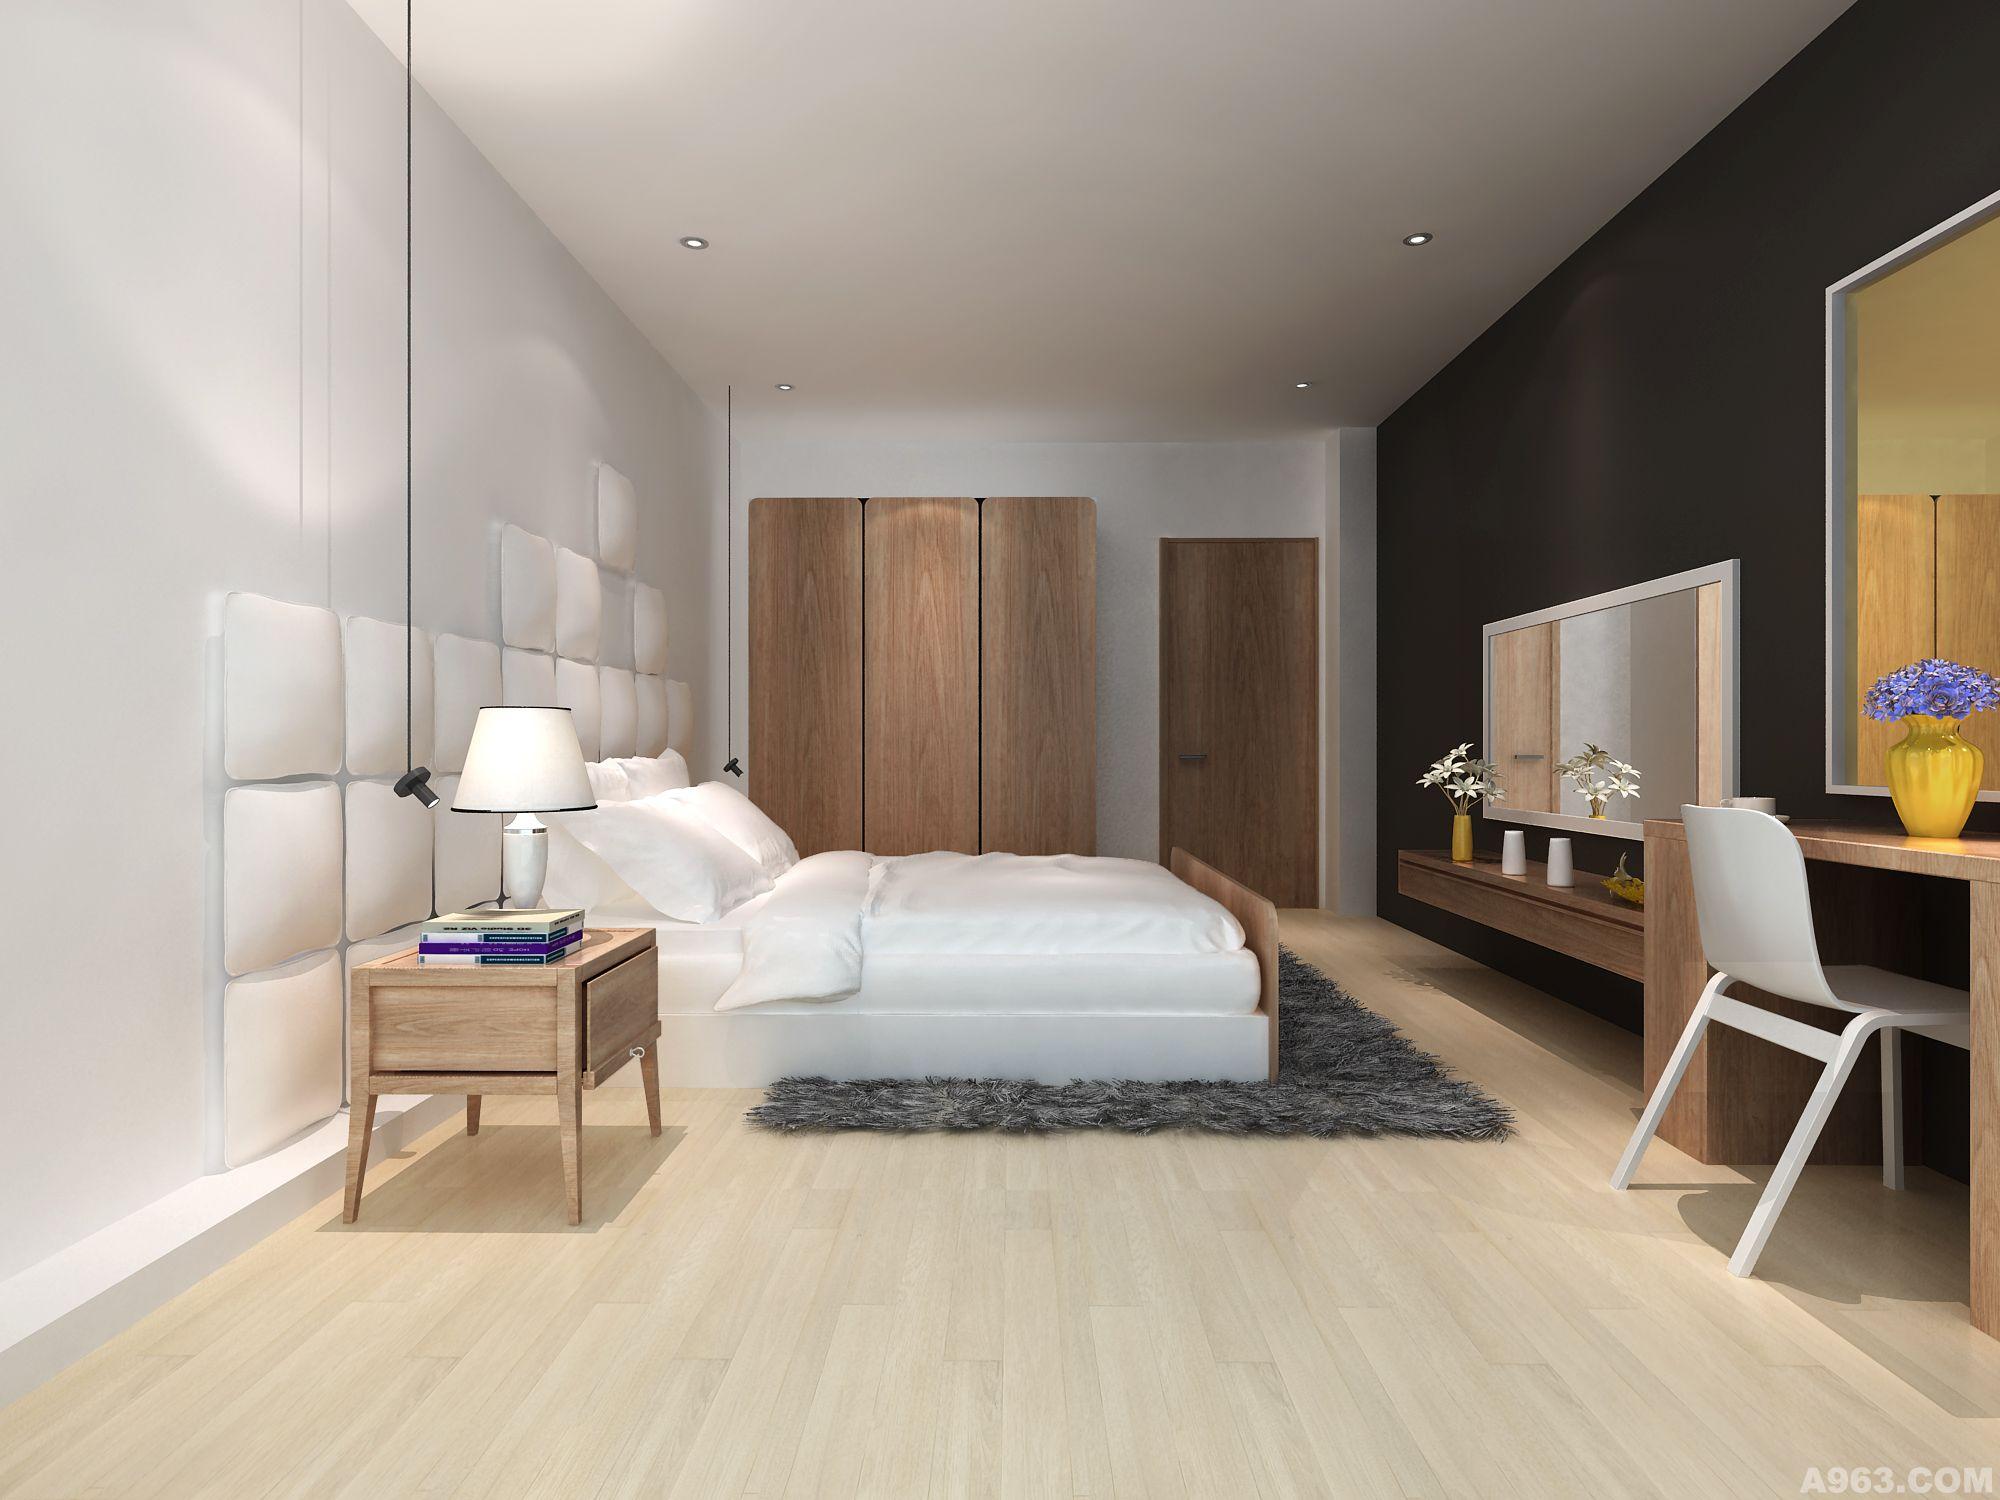 北欧卧室壁纸贴图素材